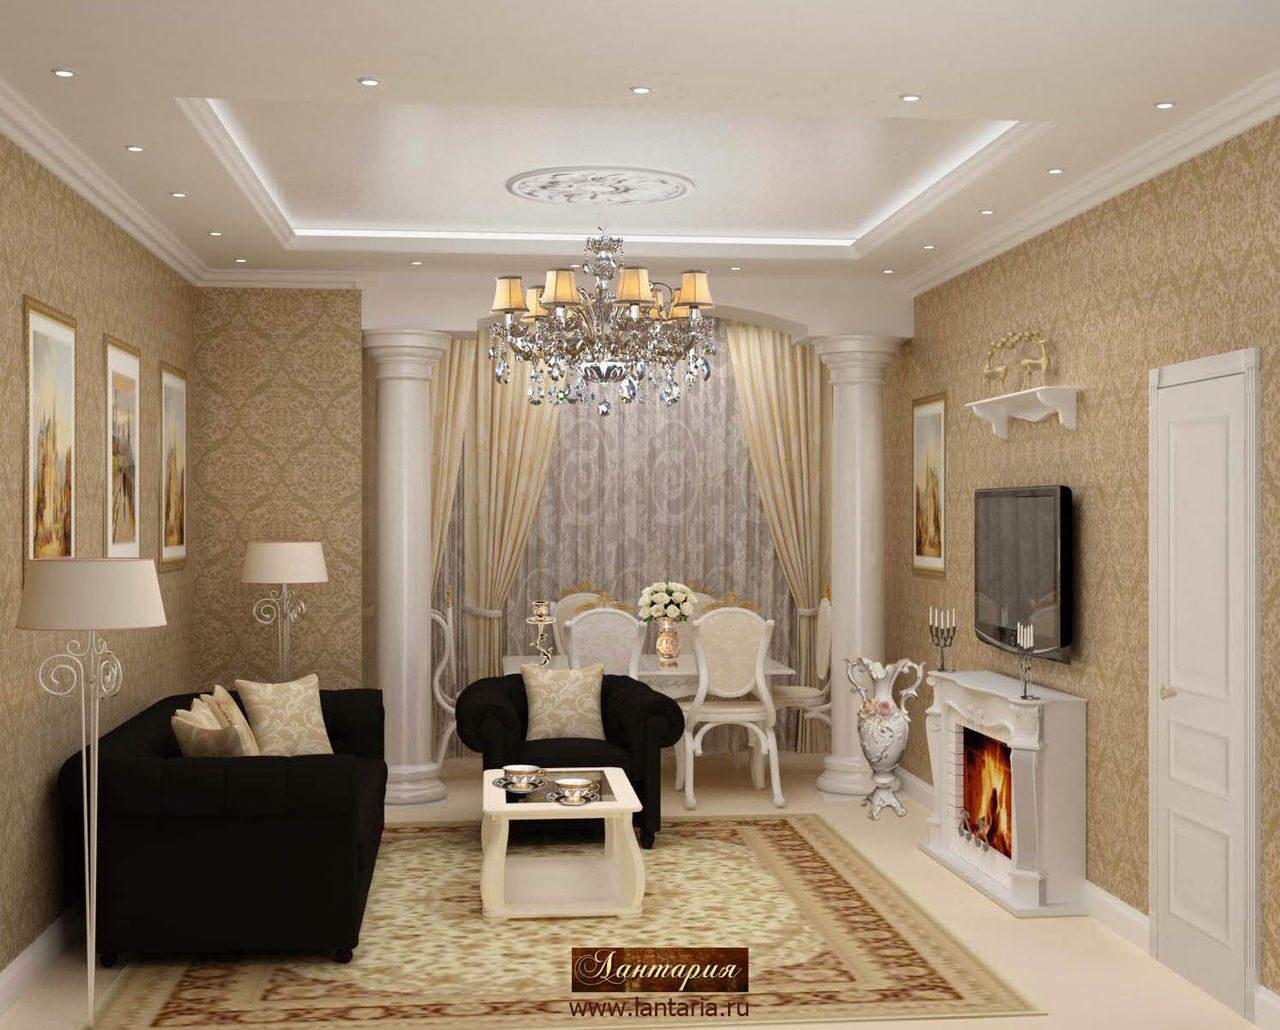 Квартира 80 кв.м дизайн